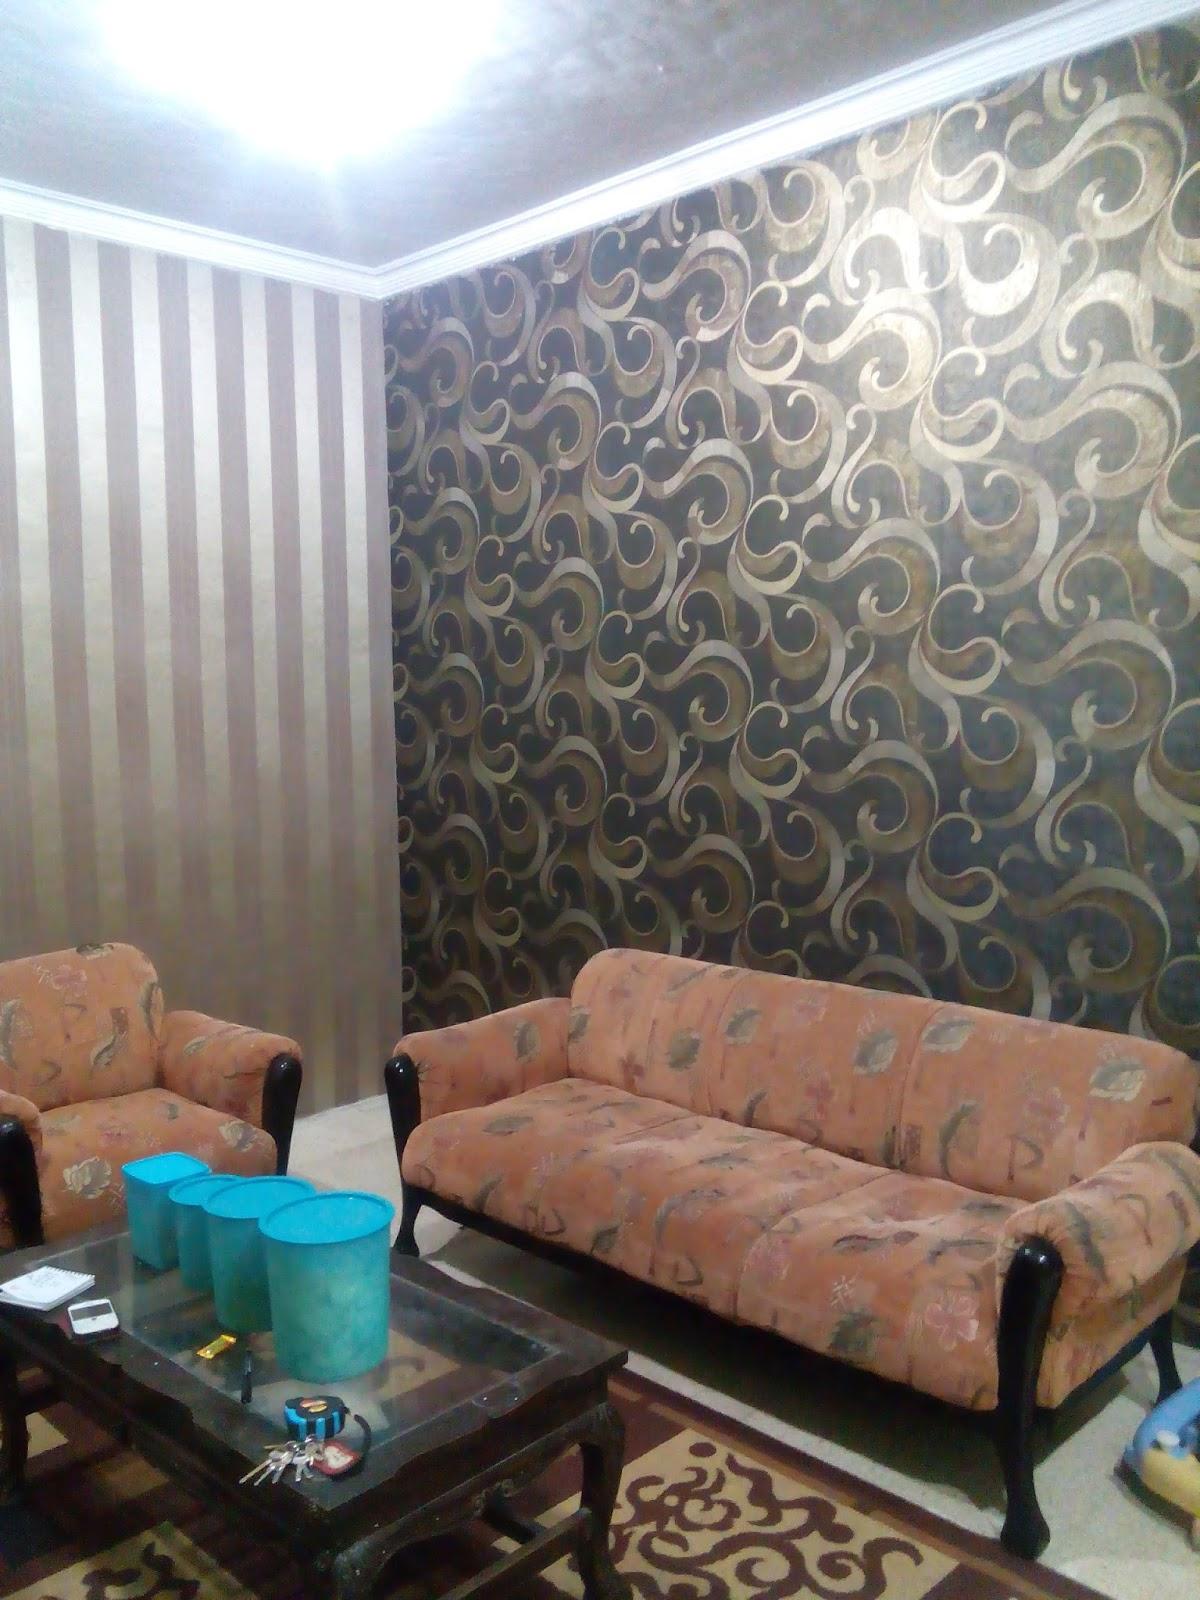 082132673033 Menentukan Focal Point Sebuah Ruangan Toko Grosir Jual Wallpaper Dinding Rumah Malang